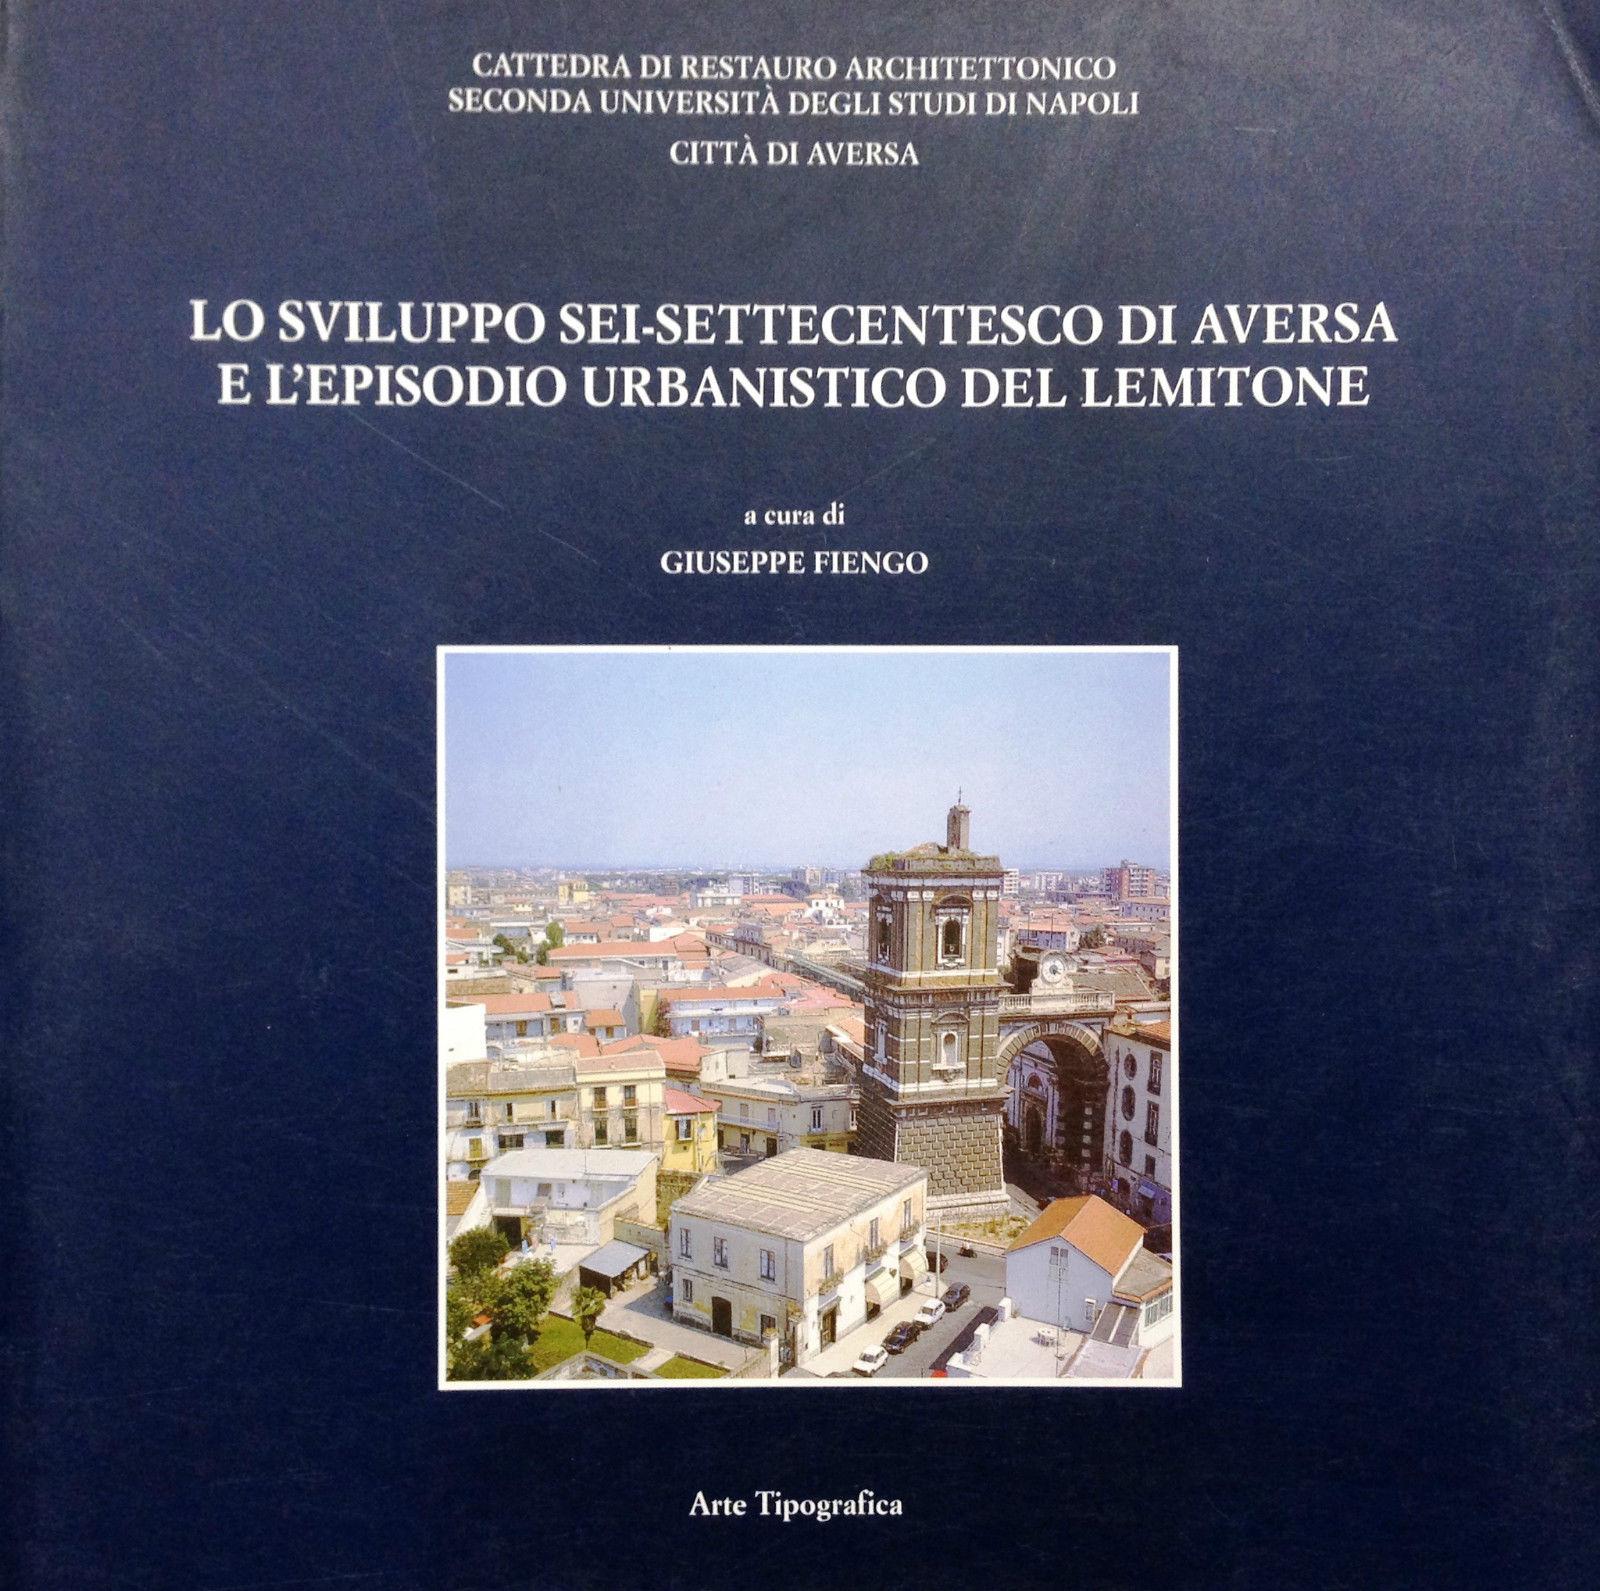 Lo sviluppo sei-settecentesco di Aversa e l'episodio urbanistico del Lemitone